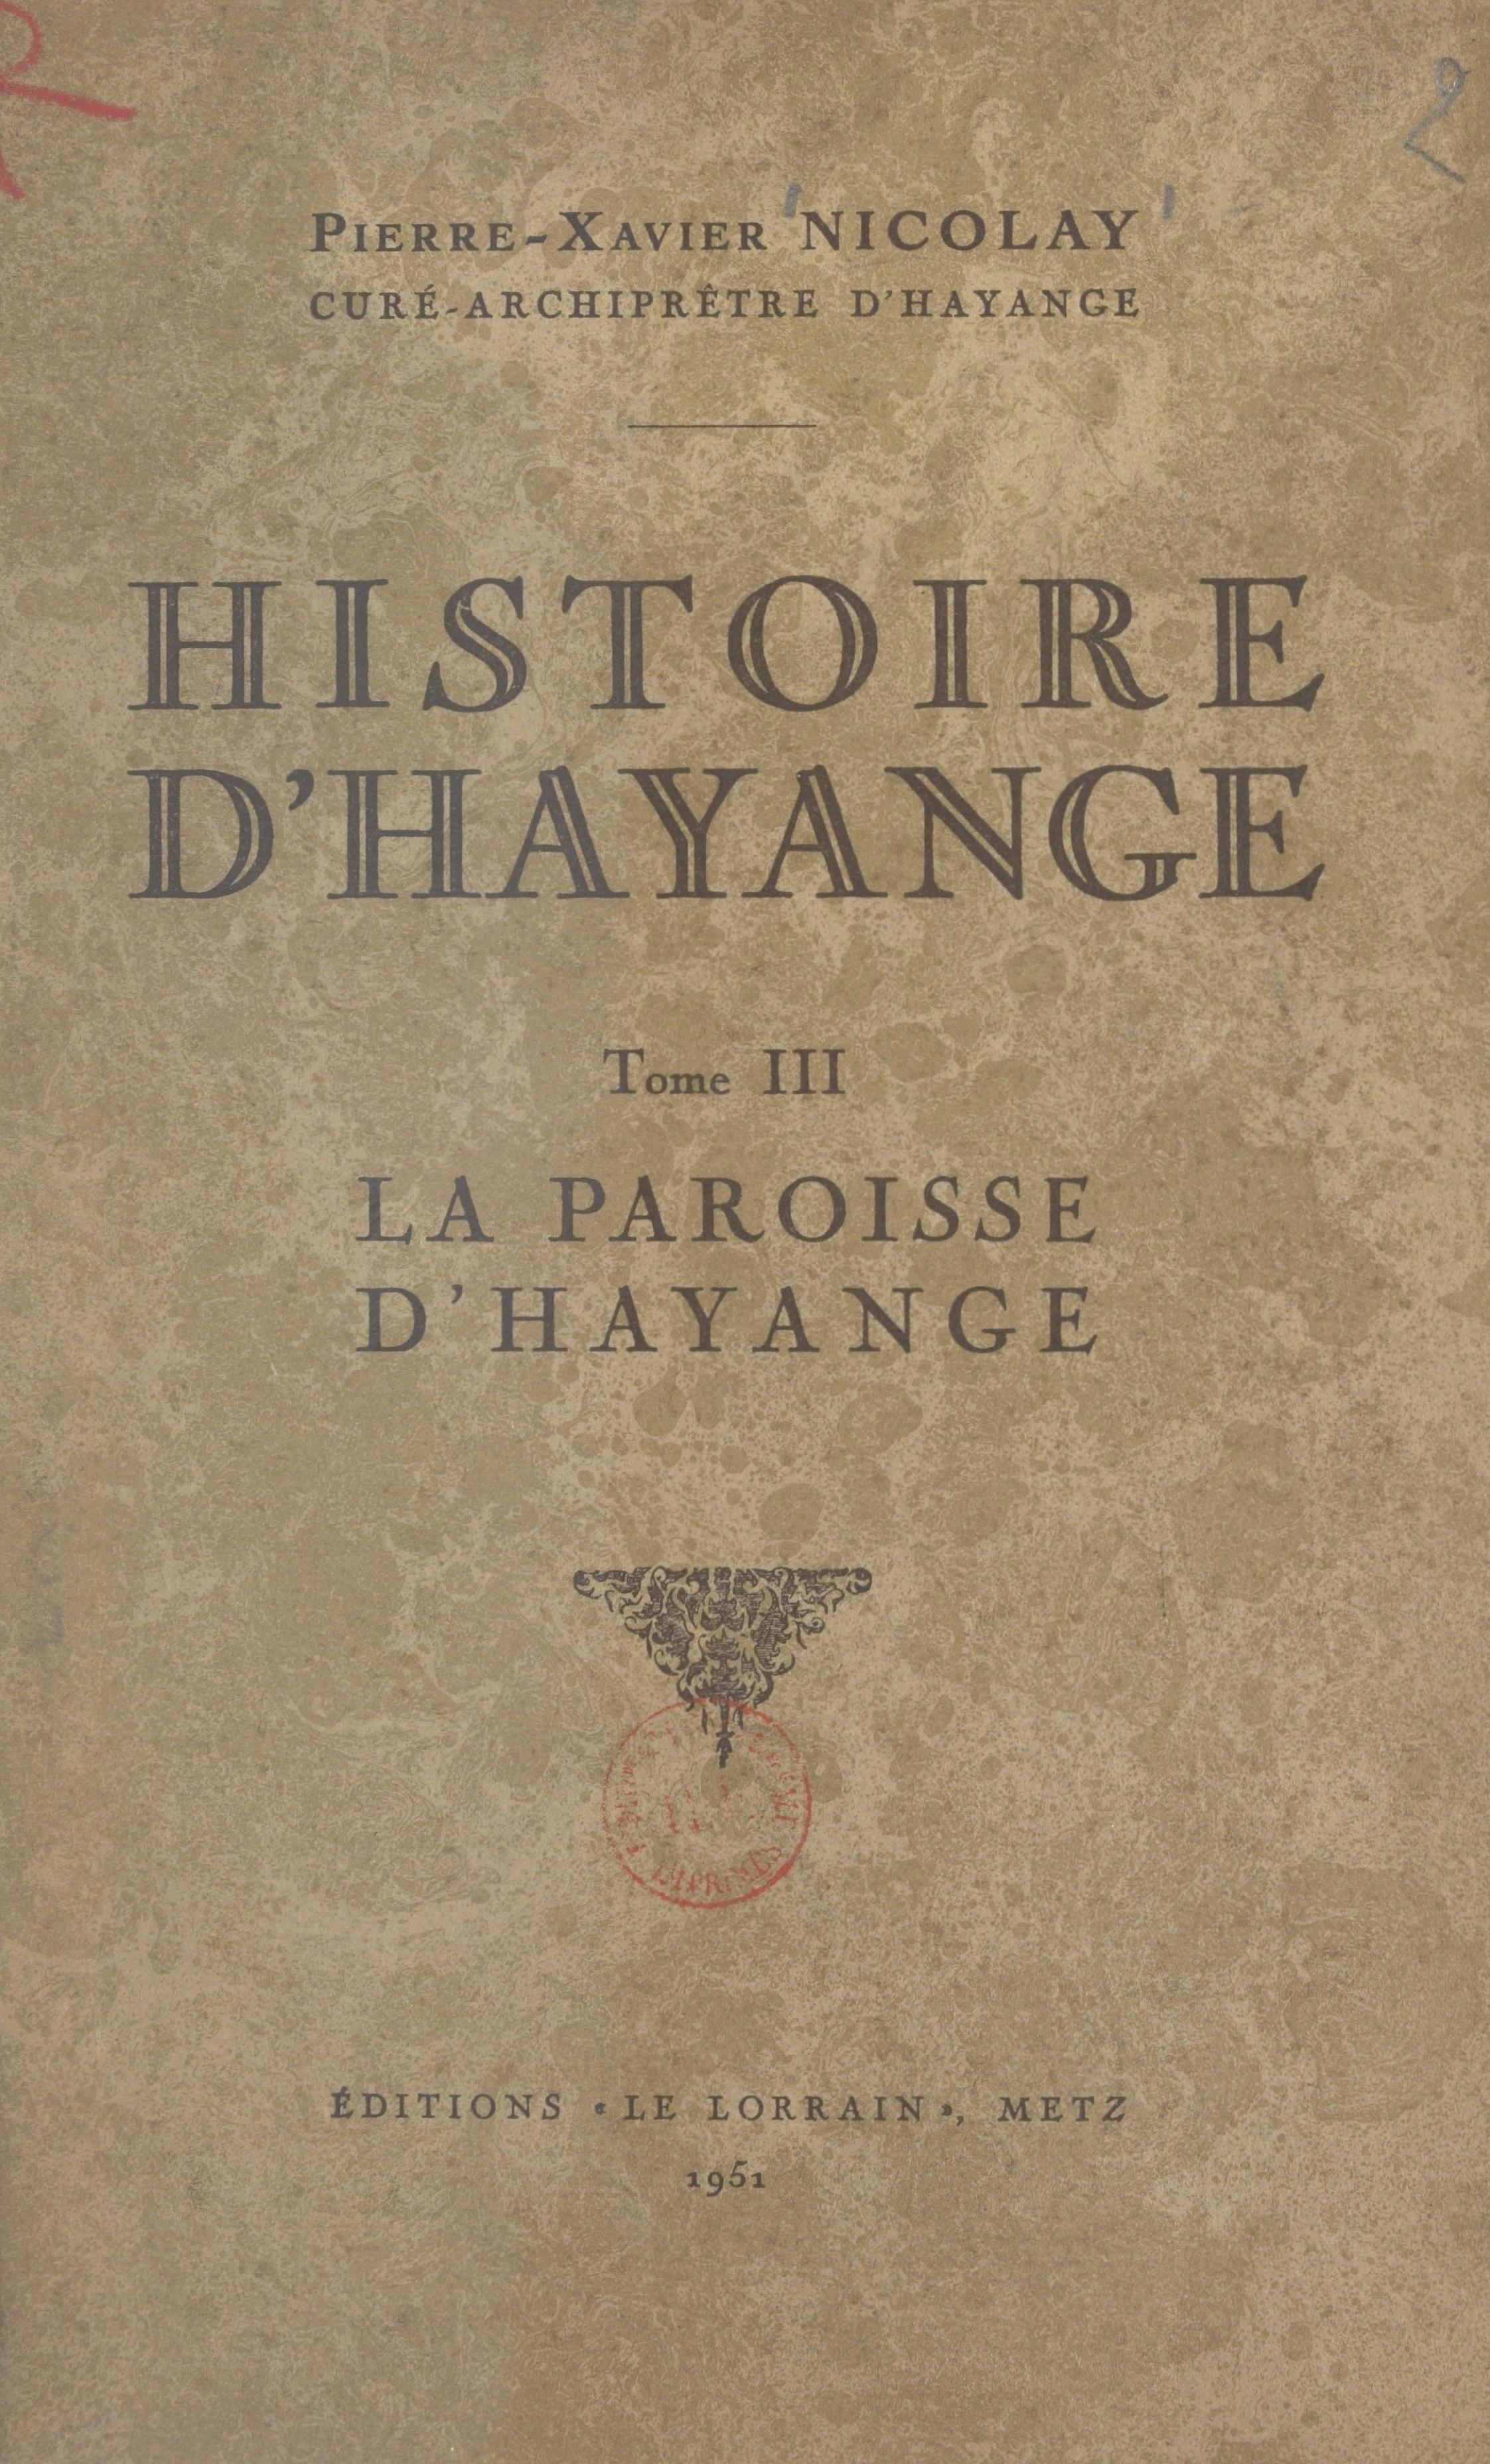 Histoire d'Hayange (3), LA PAROISSE D'HAYANGE